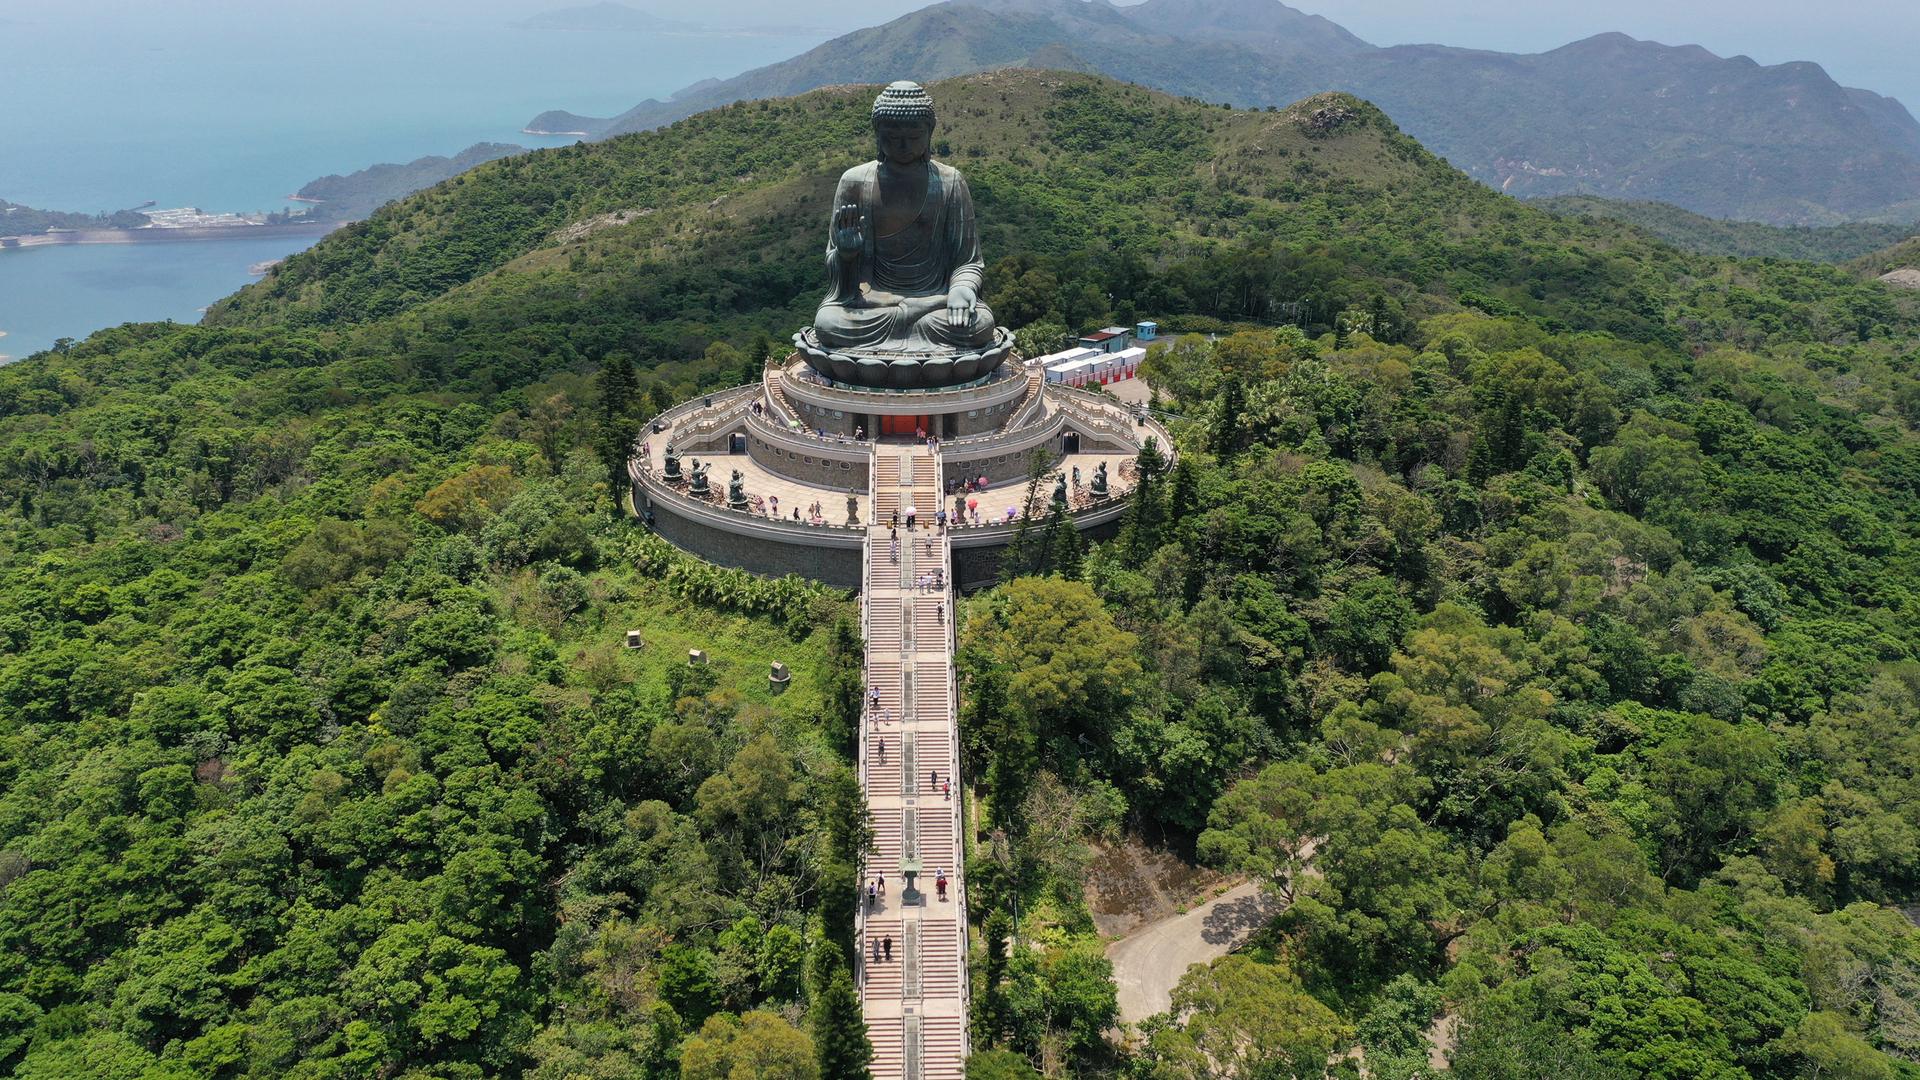 פוטו מקומות שחייבים להיות בהם פסל בודהא הונג קונג